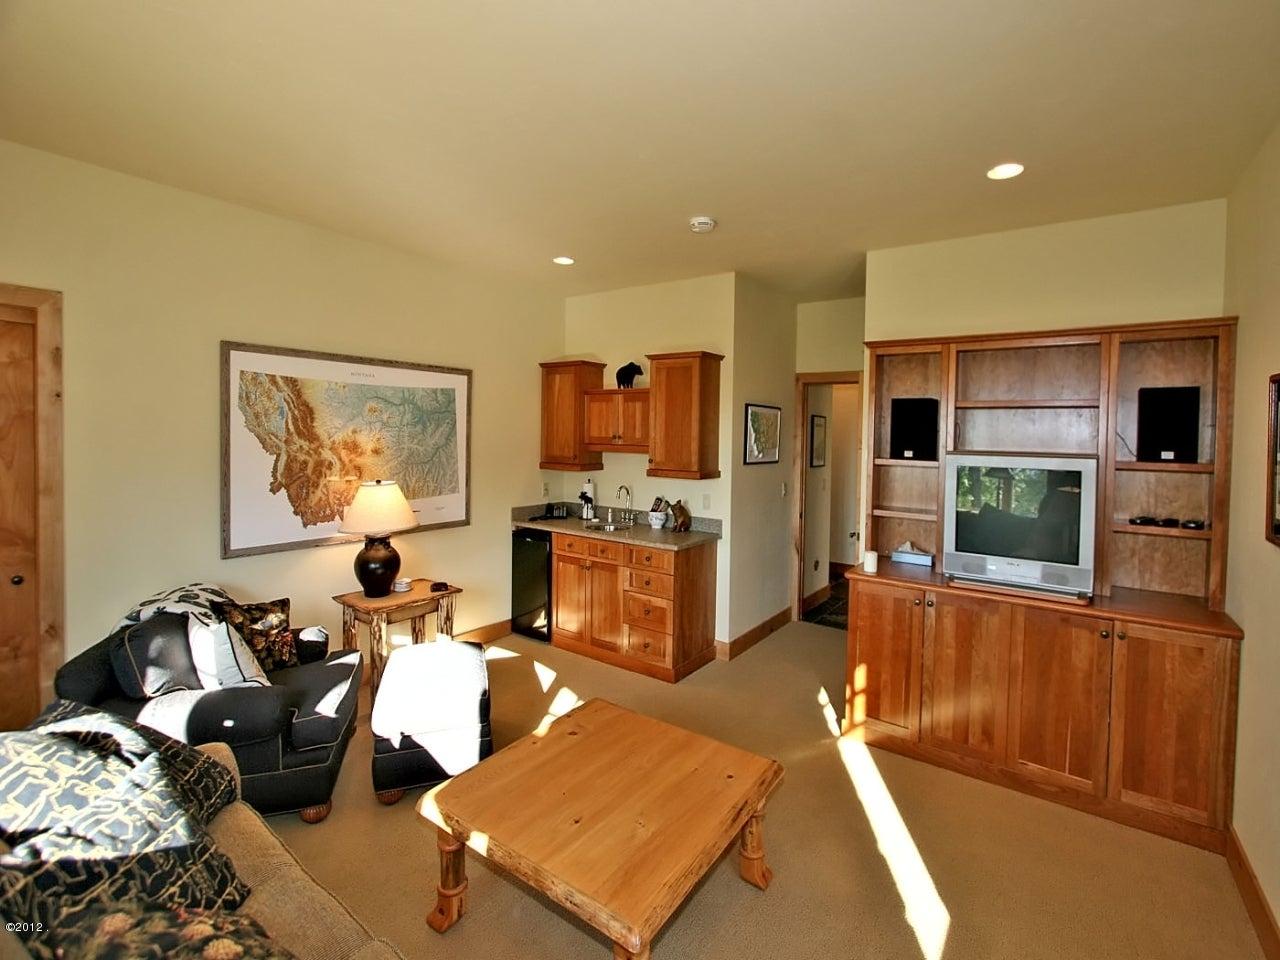 194 Ridge Run Drive,Whitefish,Montana 59937,4 Bedrooms Bedrooms,5 BathroomsBathrooms,Residential,Ridge Run,315230